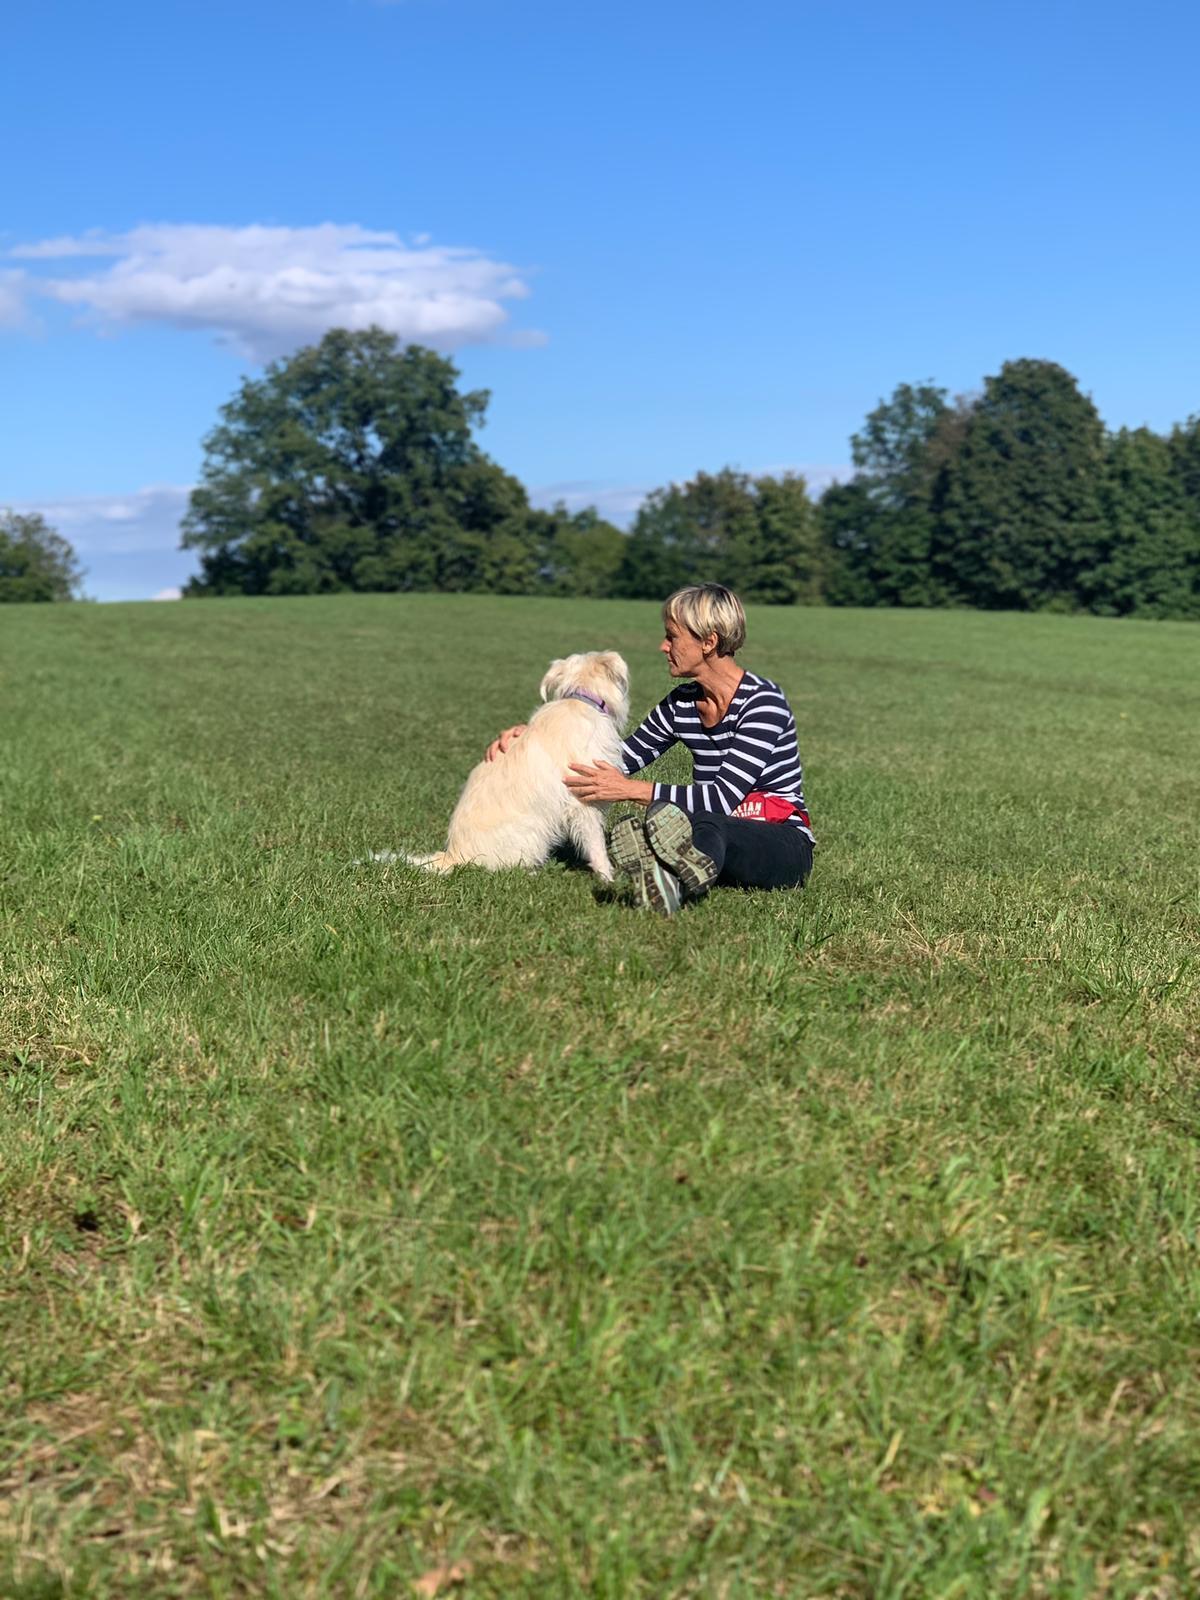 Übertragung der eigenen Energie um Ruhe in den Hund zu bringen